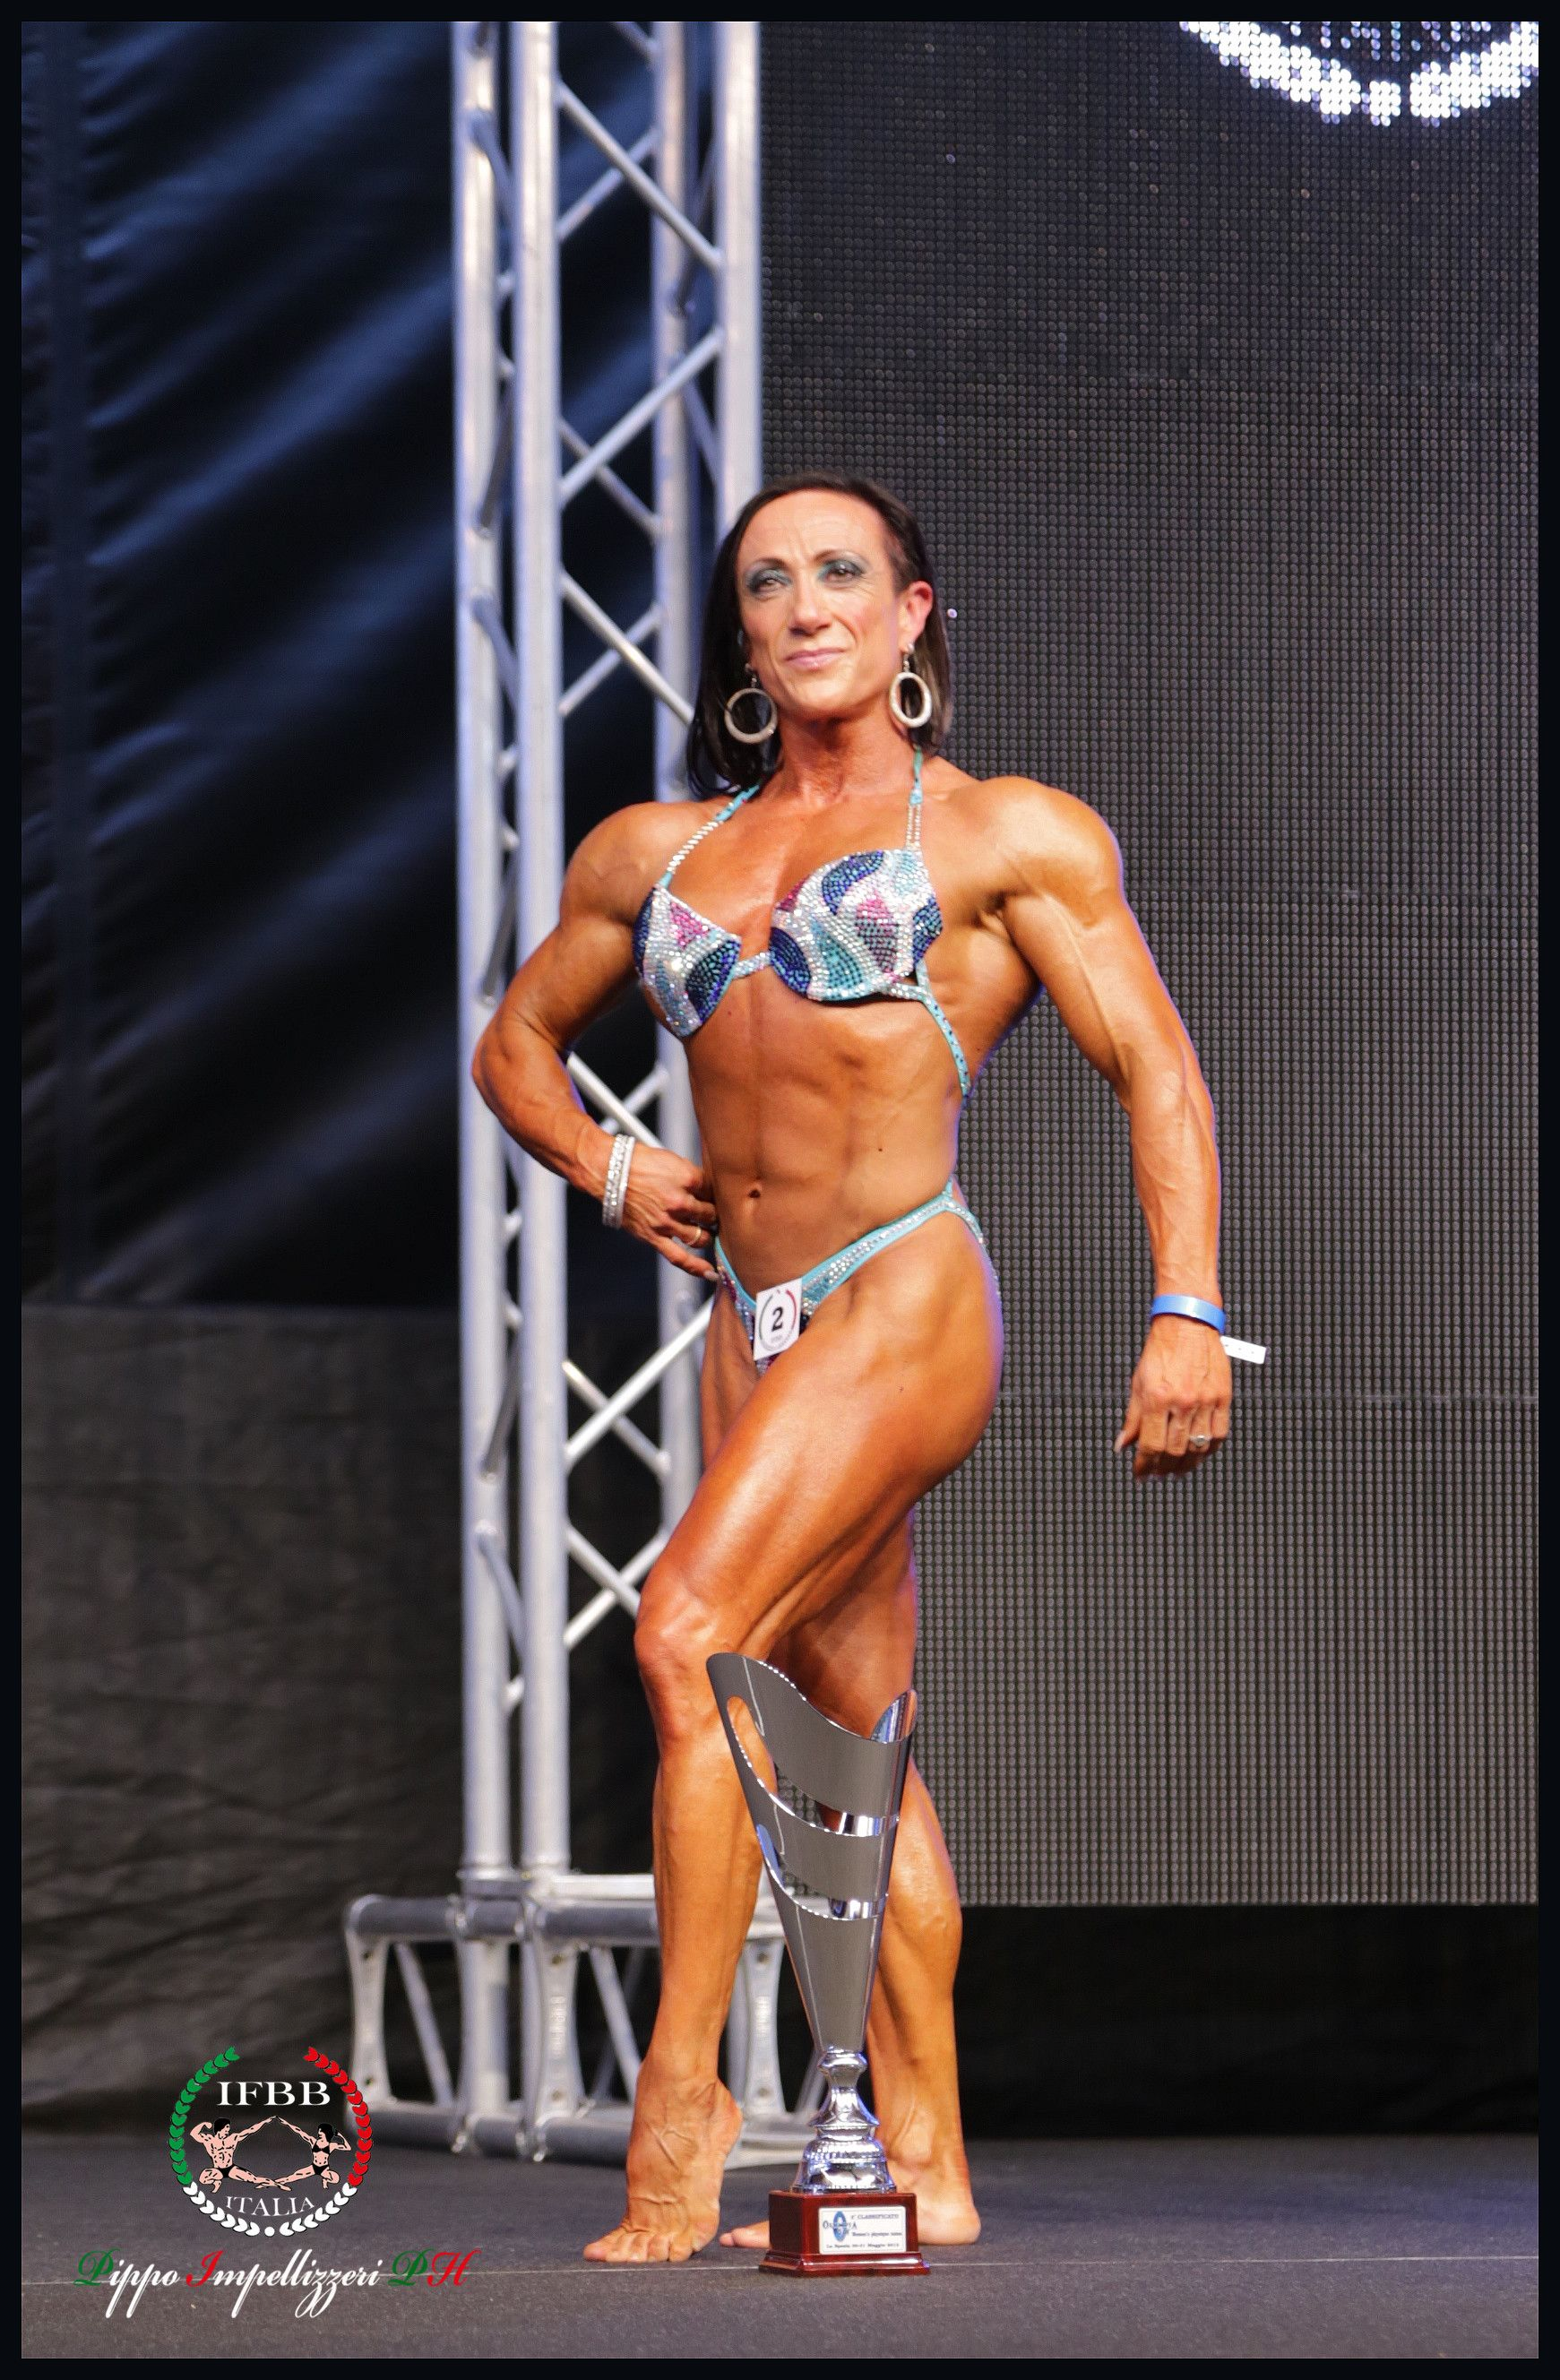 Bodybuilder femminile online dating